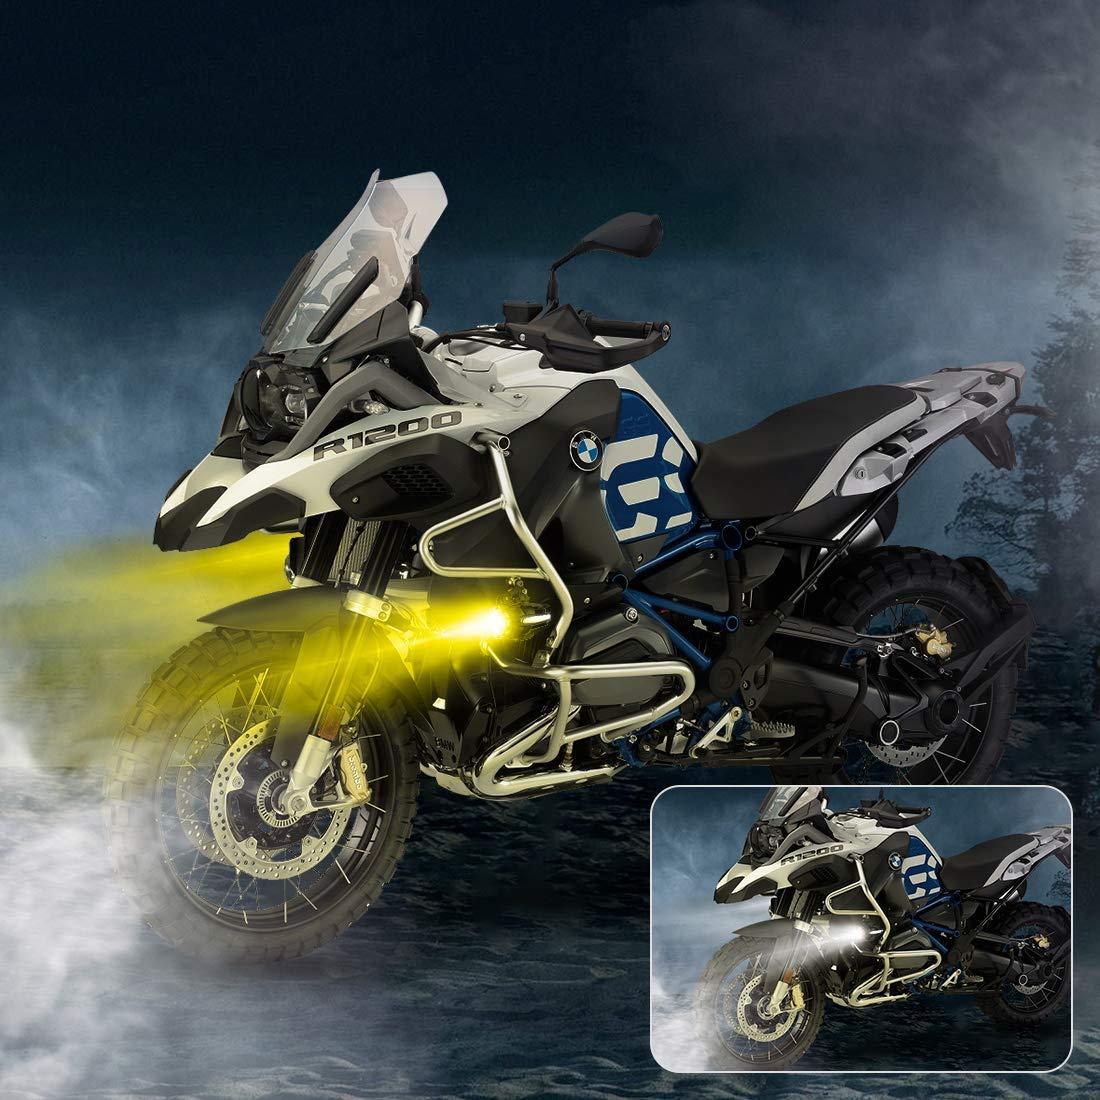 2 St/ücke 40 Watt LED Zusatzlampe 6000 Karat Blitzlicht Nebelscheinwerfer Kits mit Bernstein Blinker DRL F/ür Motorrad R1200GS F800GS K1600 HONDA Harley Davidson